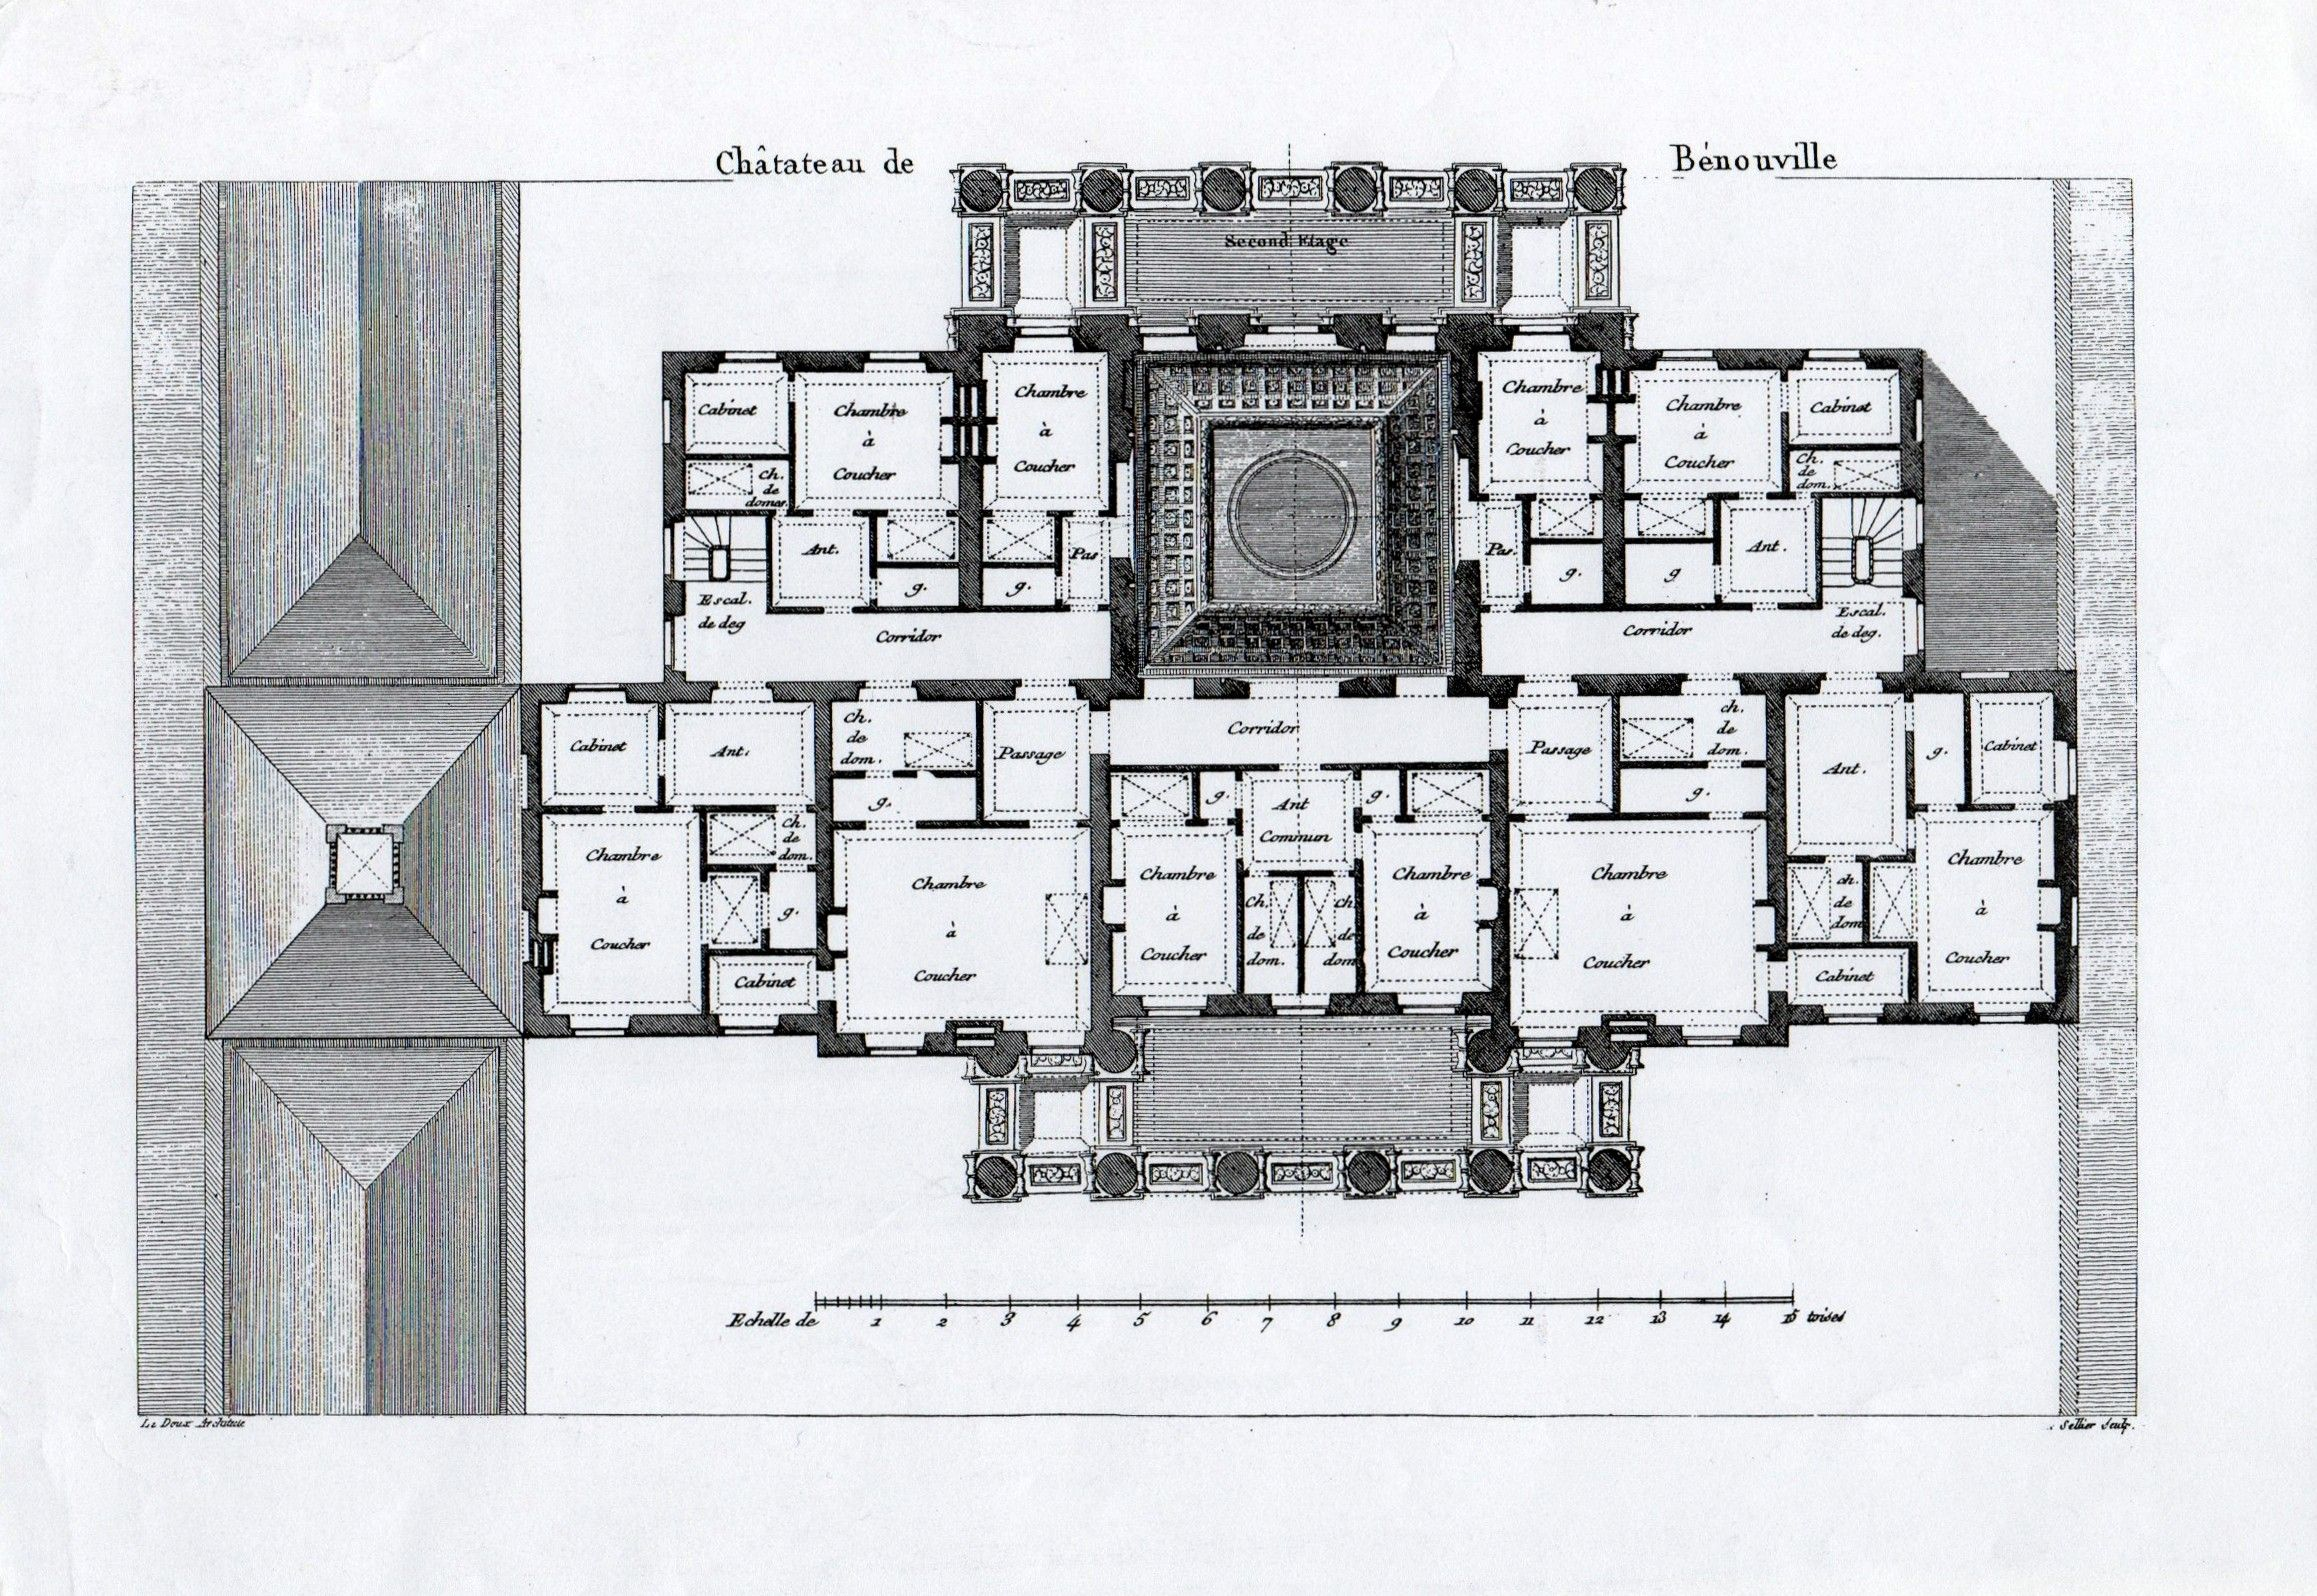 Chateau De Benouville Second Floor Plan Architectural